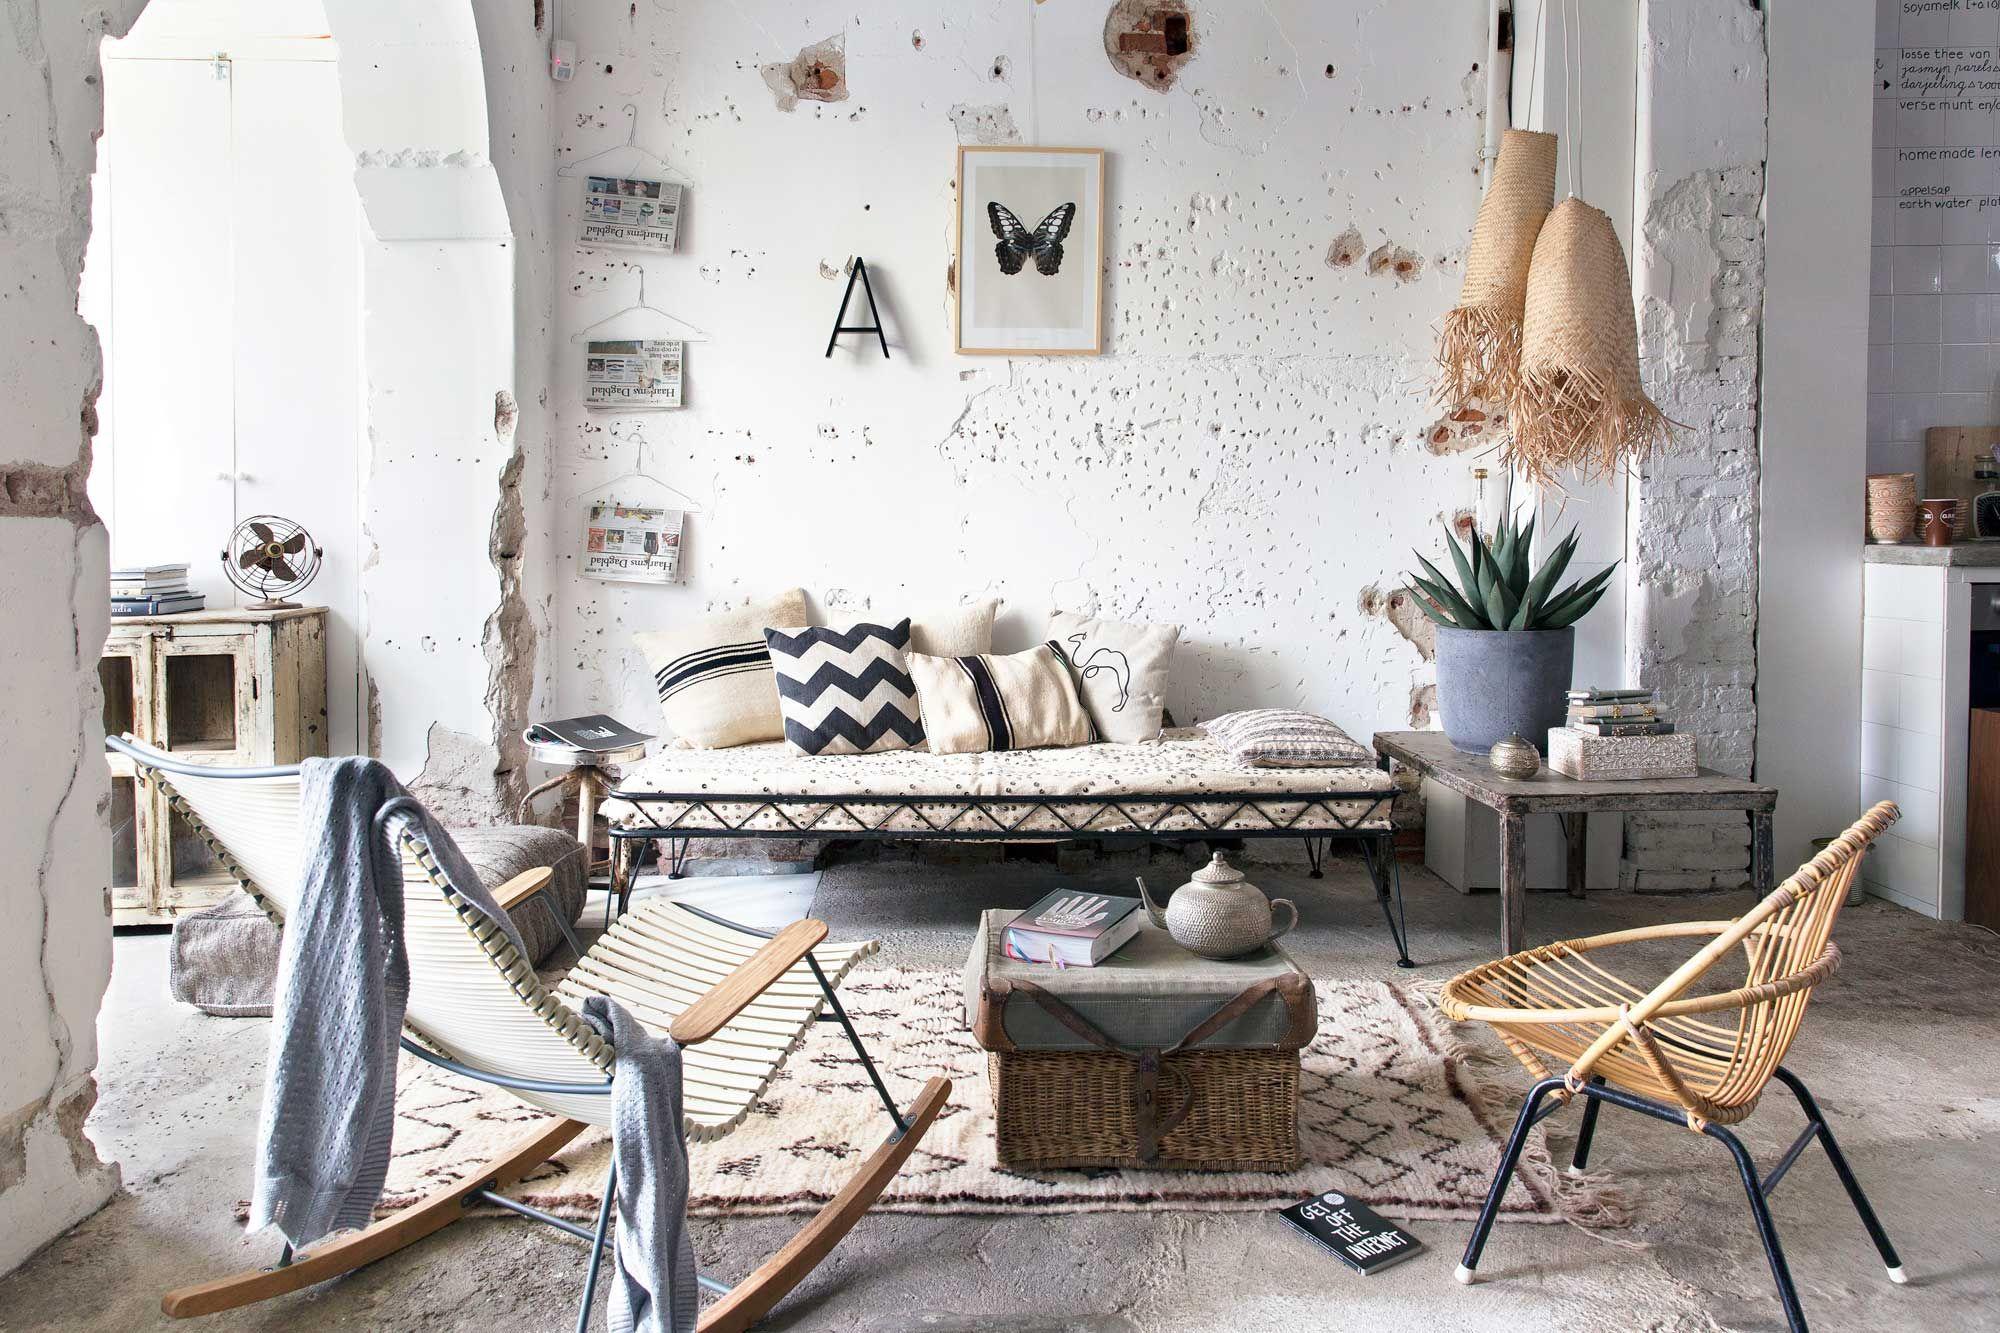 woonkamer in strandsfeer | livingroom in beach style | 08-2014 ...